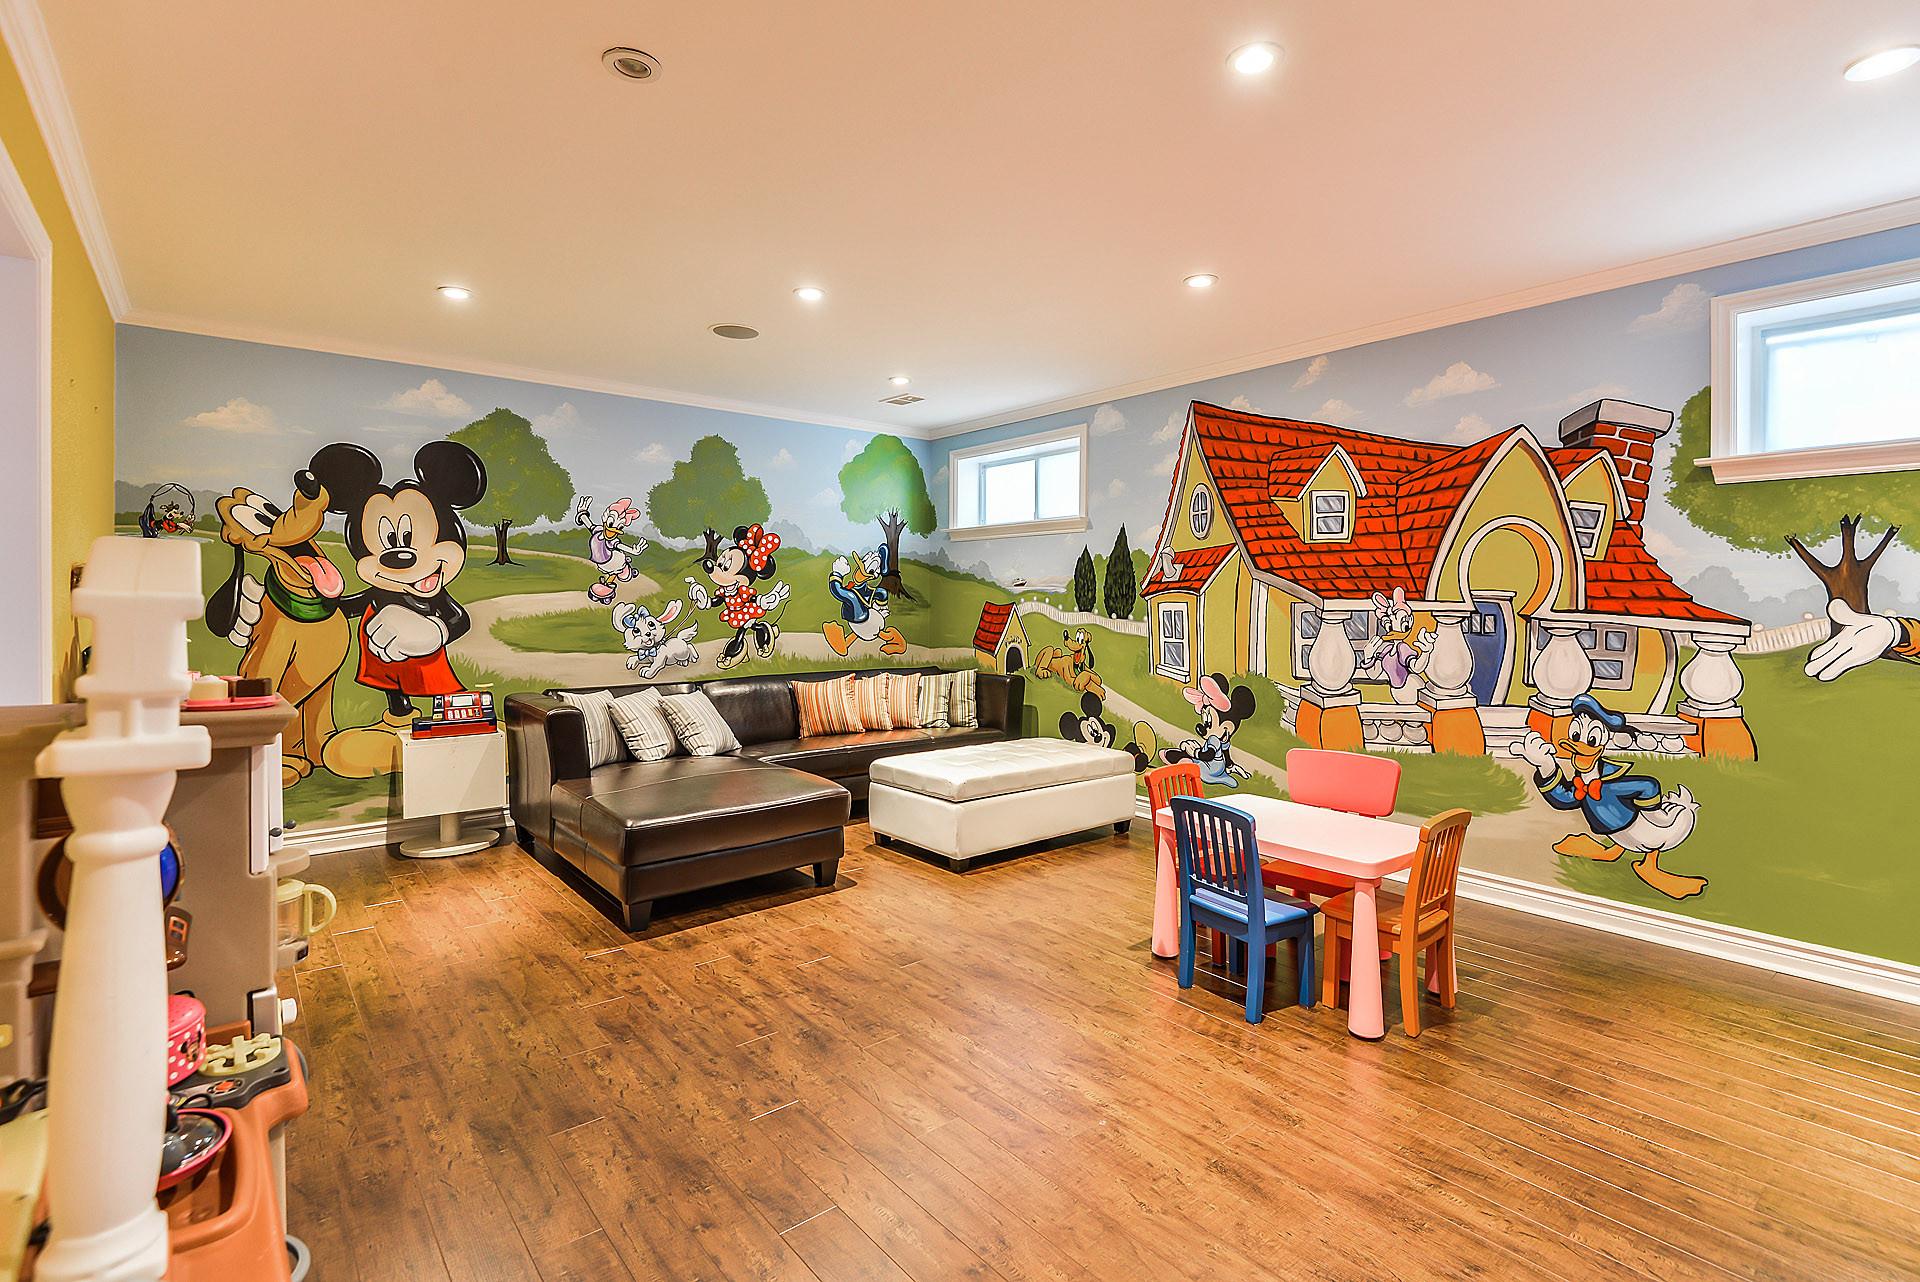 أفكار غرف أطفال - ميكي وبطوط